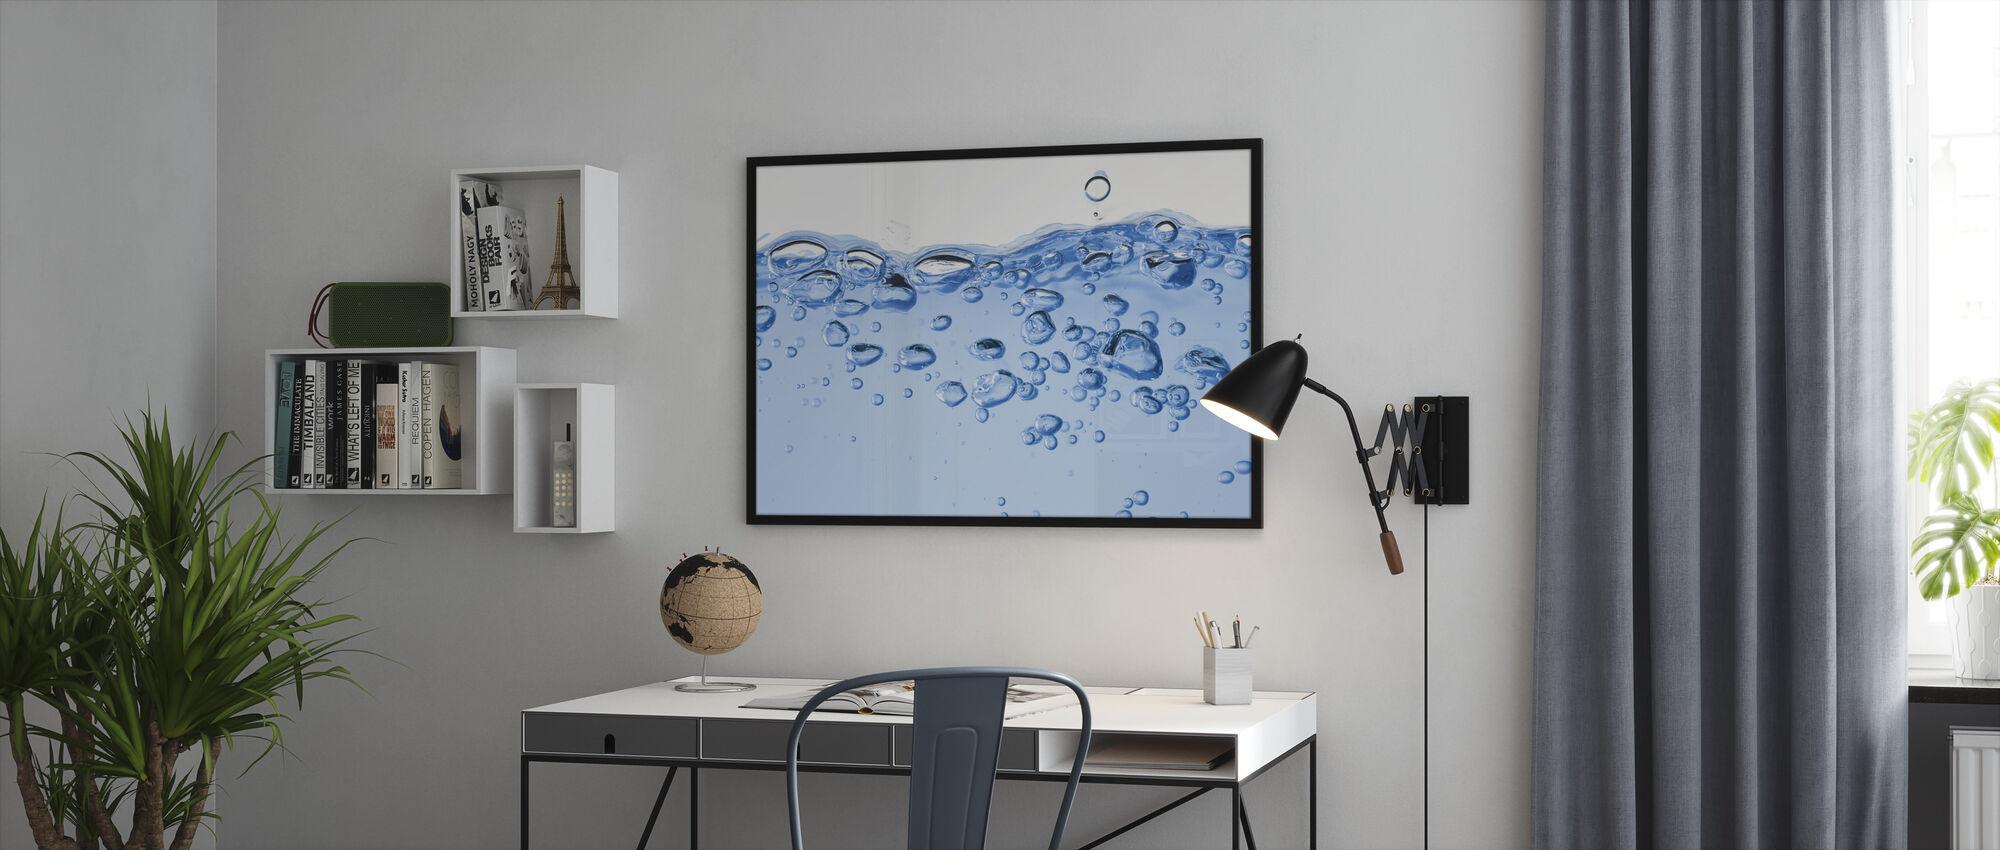 Spatterend water - Ingelijste print - Kantoor